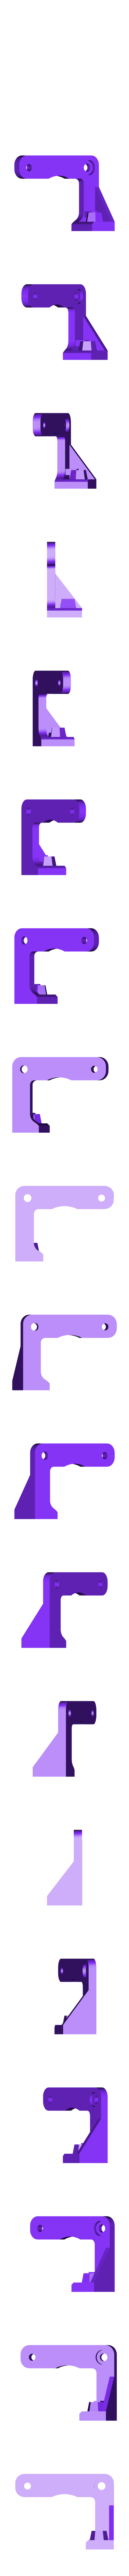 back_piece.STL Download free STL file mk8 extruder mod for  larger springs • 3D print design, Ghashnarb